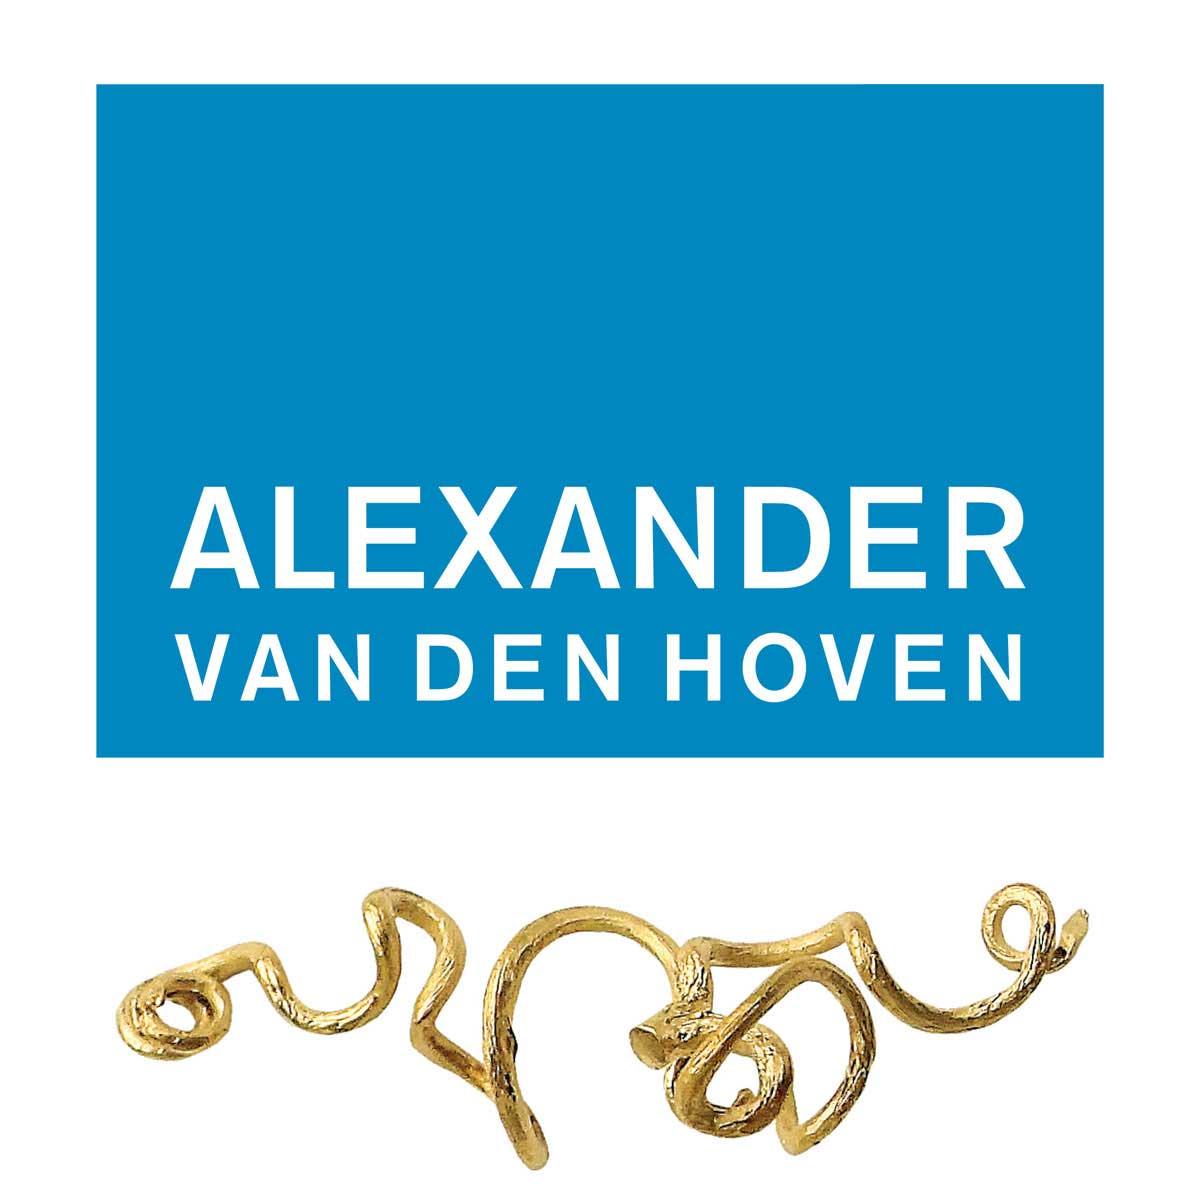 Alexander van den Hoven Goudsmid Zilversmid Edelsmid Edelsteenkundige